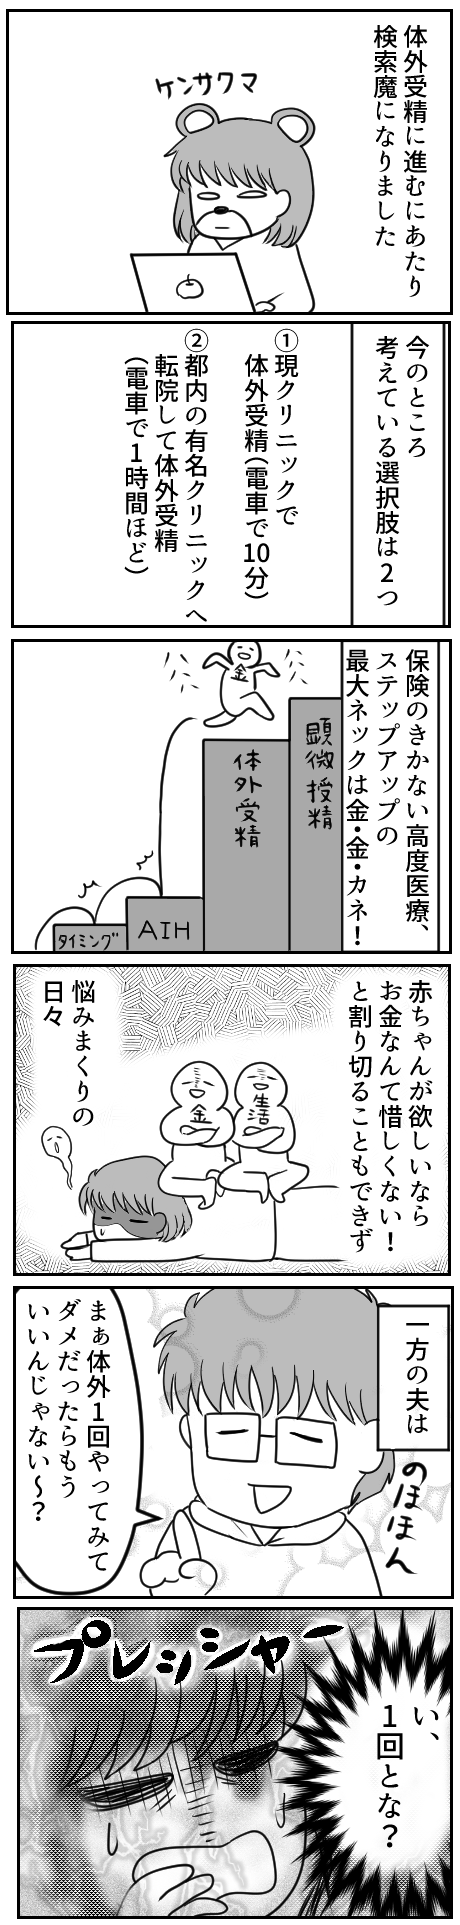 68話検索魔